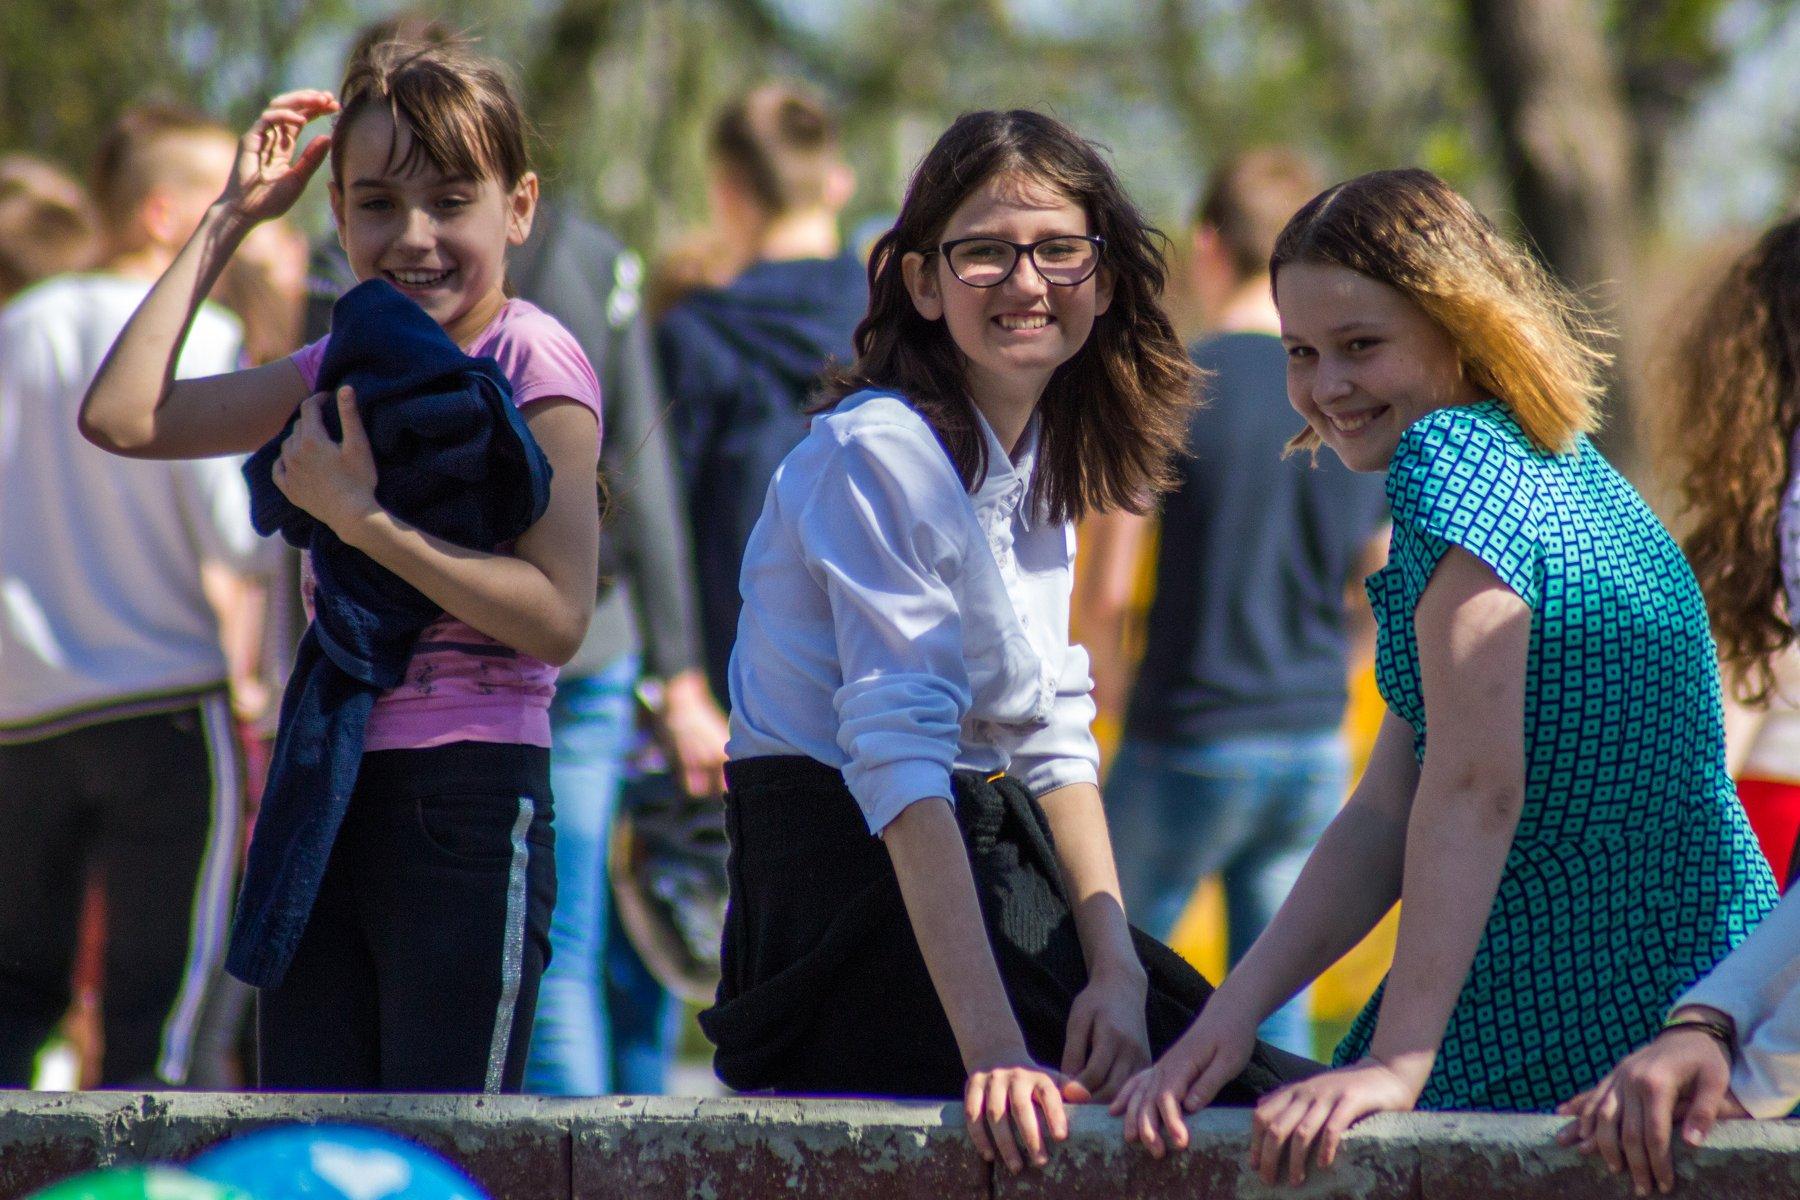 дети, девочки, праздник, детство, радость, Руслан Востриков